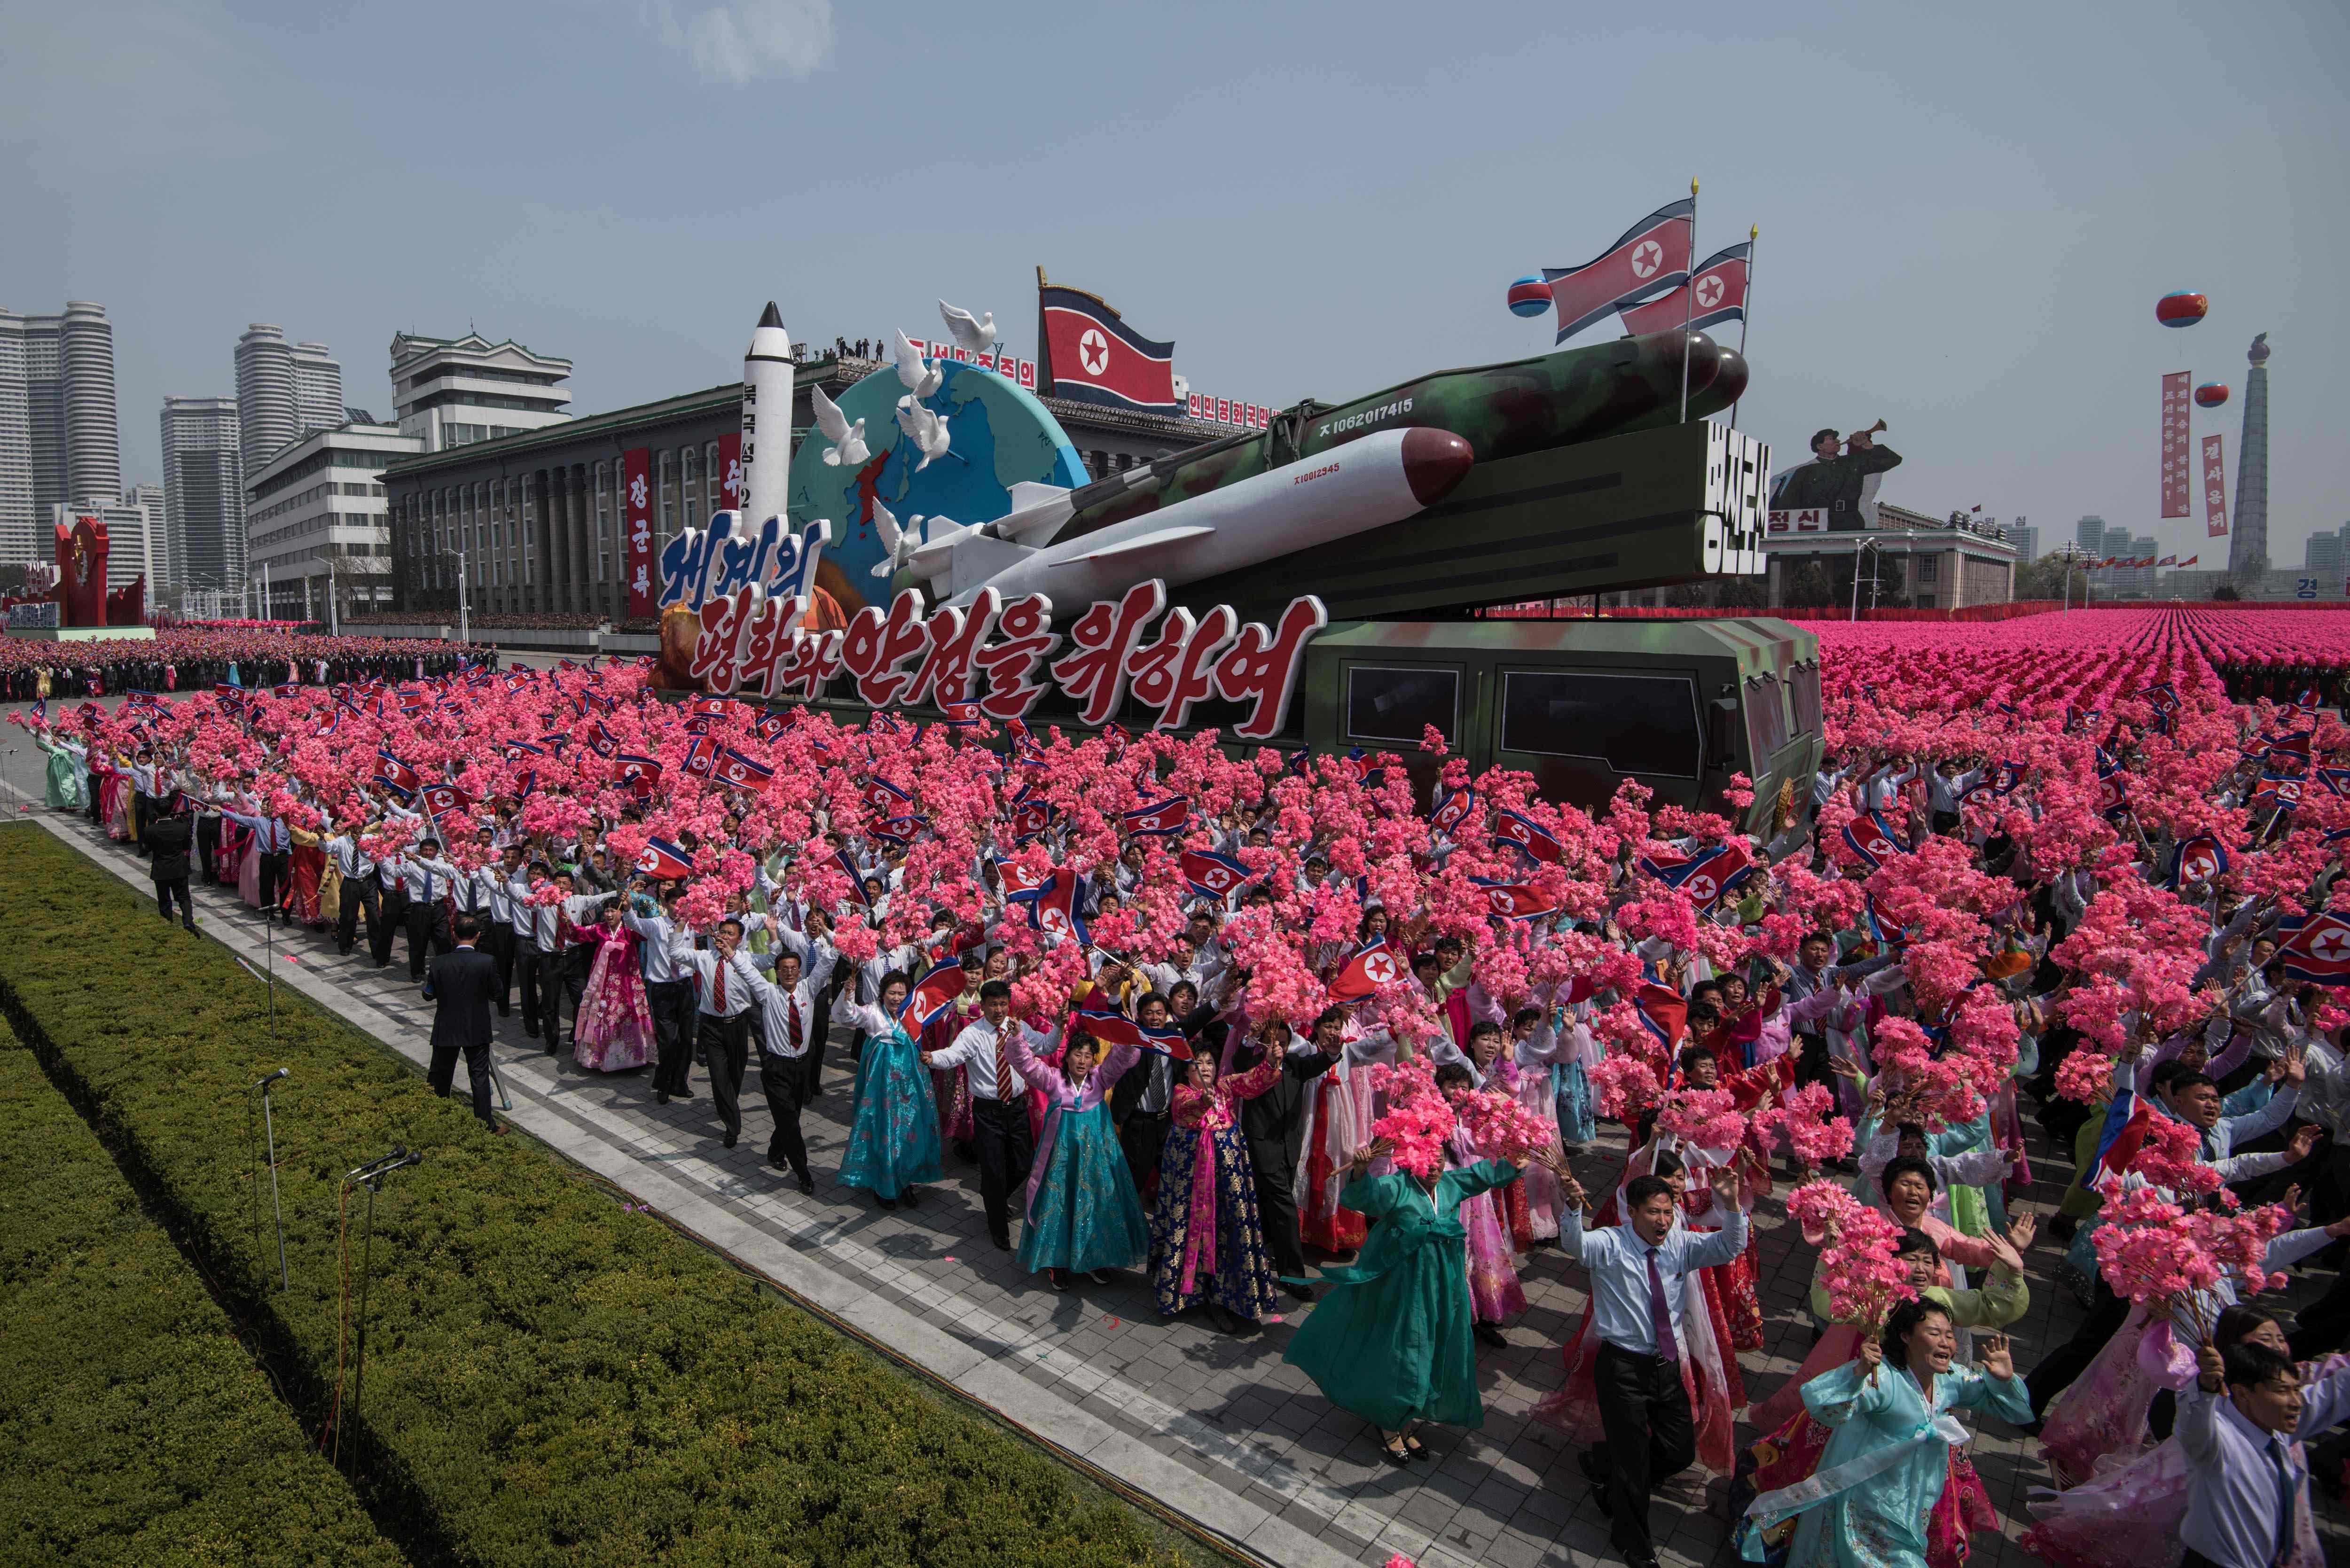 عرض الصواريخ خلال الاحتفال بذكرى ميلاد مؤسس كوريا الشمالية